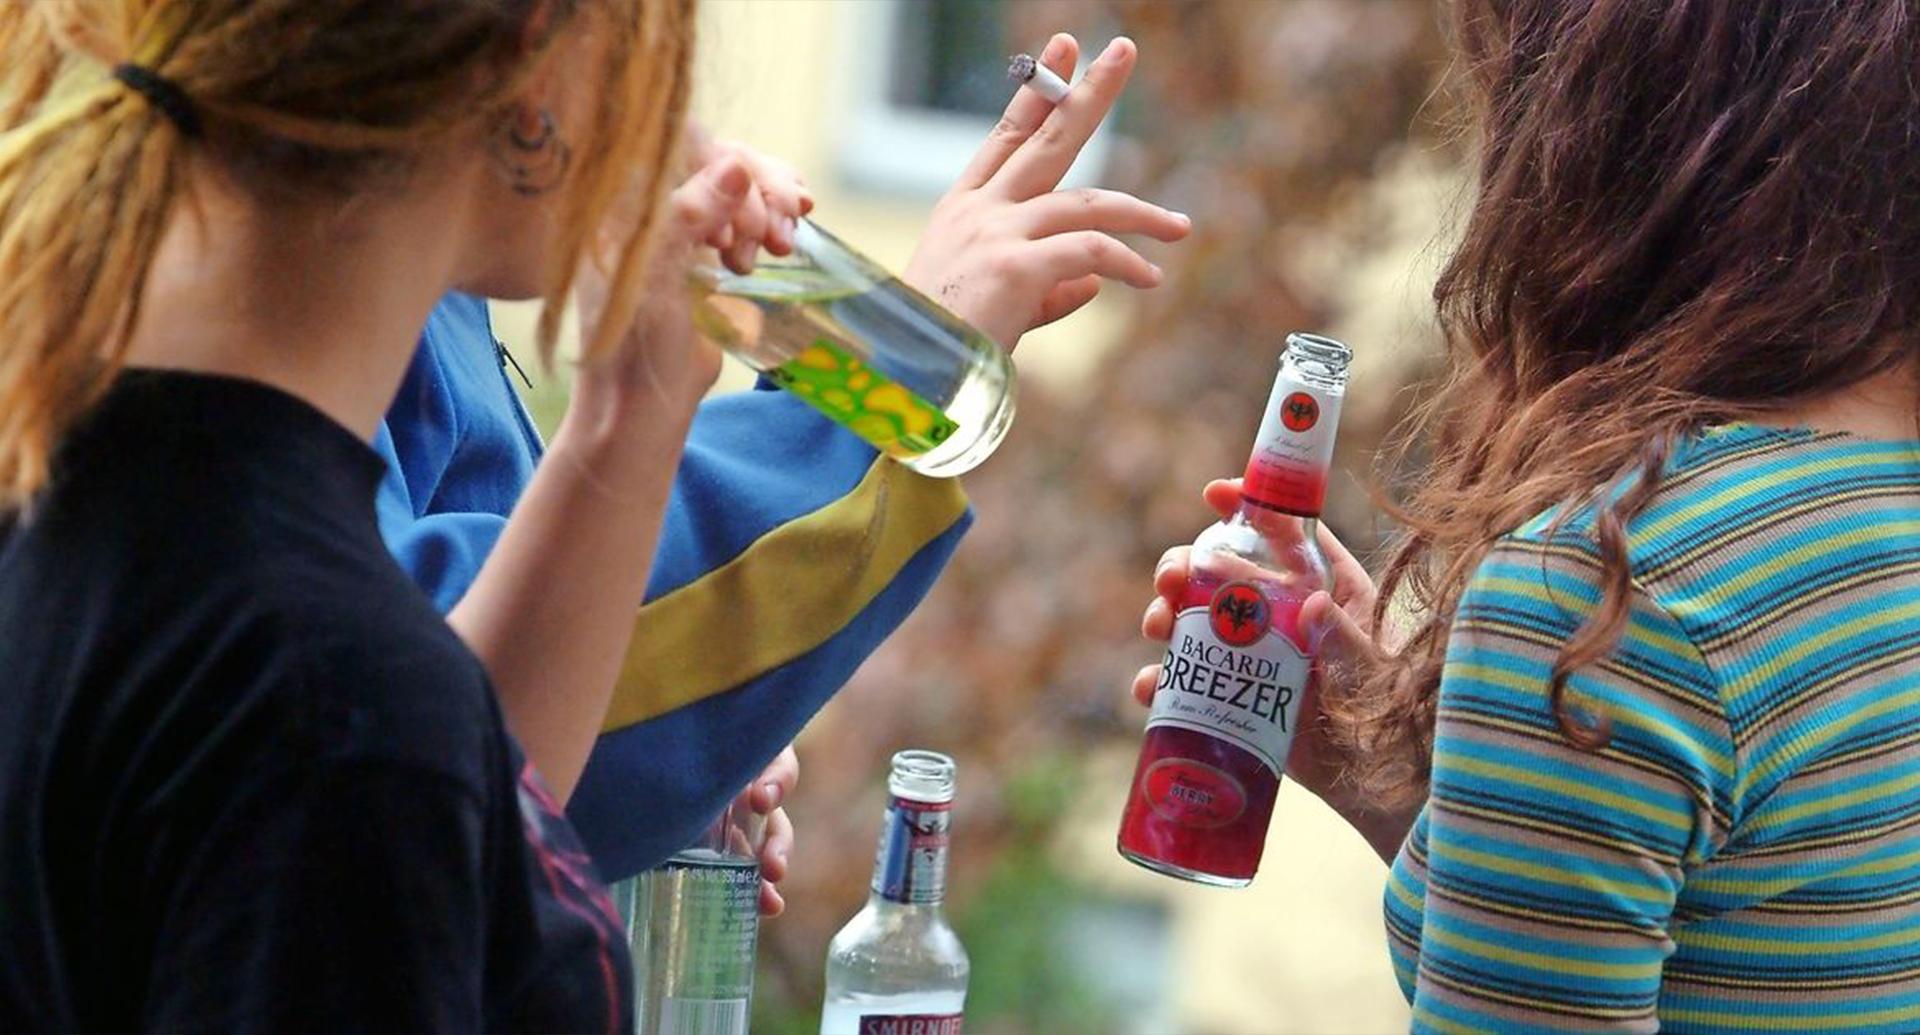 П'яні неповнолітні дівчата напали на медиків у Боярці: відео - поліція Київської області, неповнолітні, нападники, Напад на медиків, Боярка, алкогольне сп'яніння - 1149034